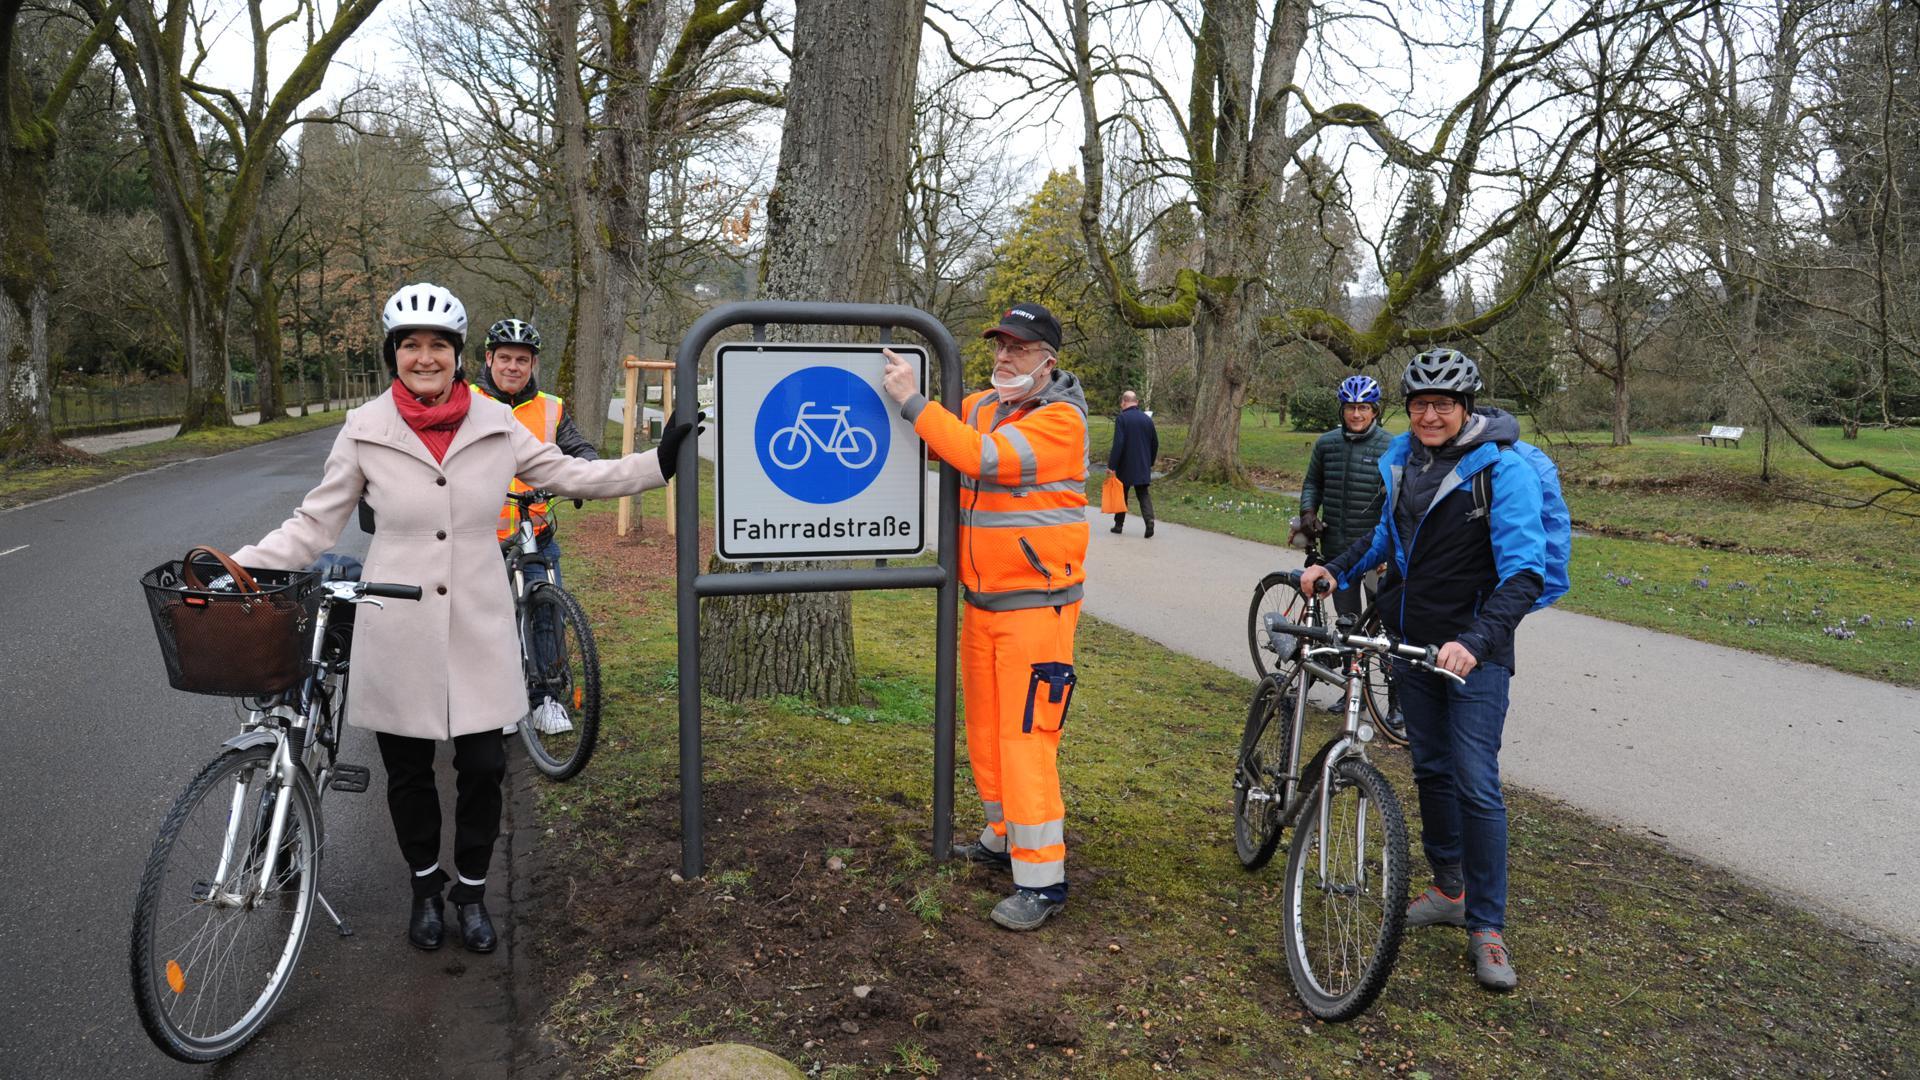 Die Fahrradstraße in der Lichtentaler Allee wird verlängert. Im Beisein von Oberbürgermeisterin Margret Mergen und Bürgermeister Alexander Uhlig (rechts) sind die ersten Schilder montiert worden. Hinten links Dirk Nesselhauf und hinten rechts Rolf Basse.